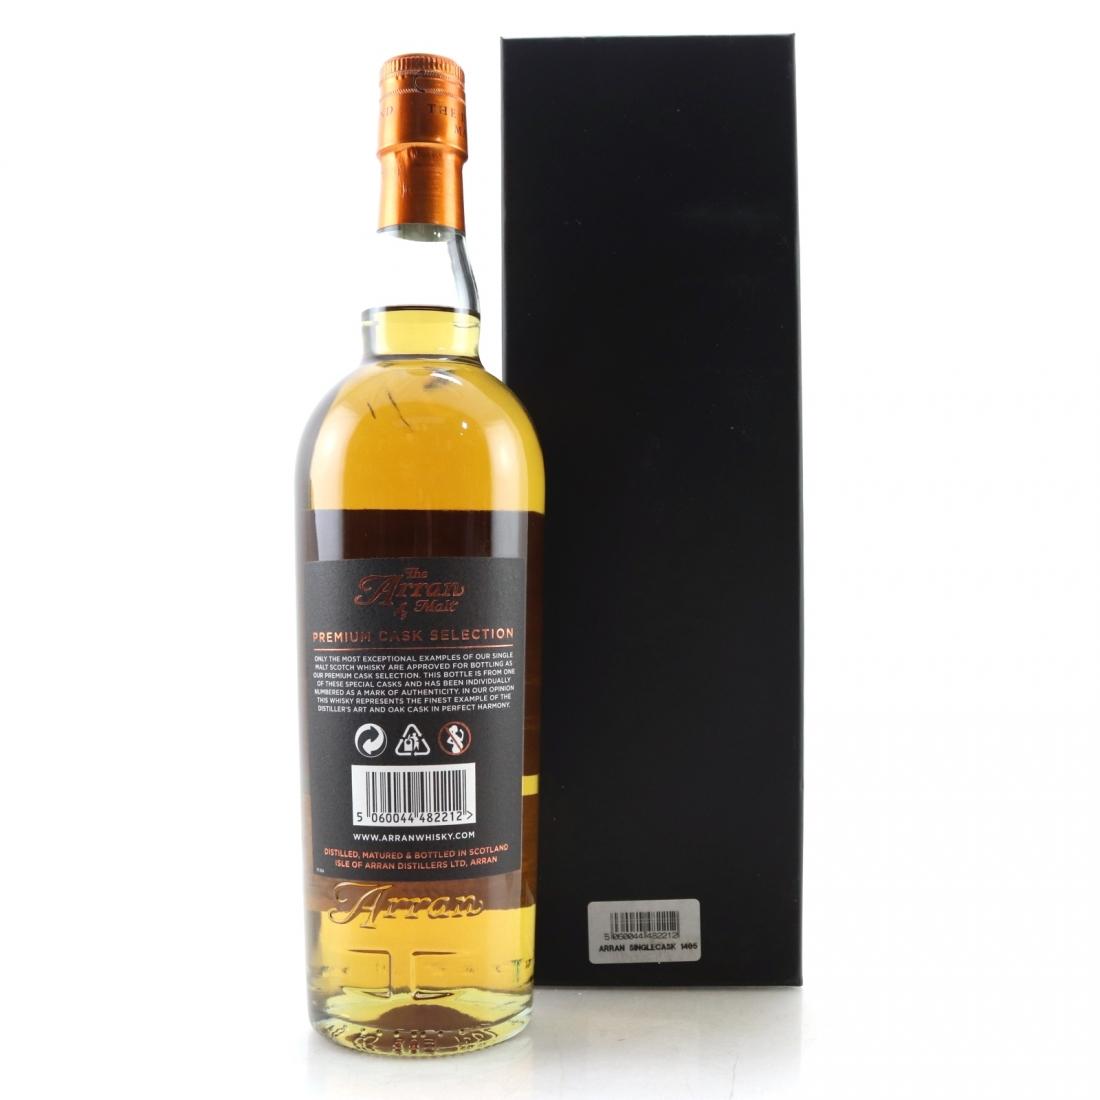 Arran 1996 Single Bourbon Cask #1405